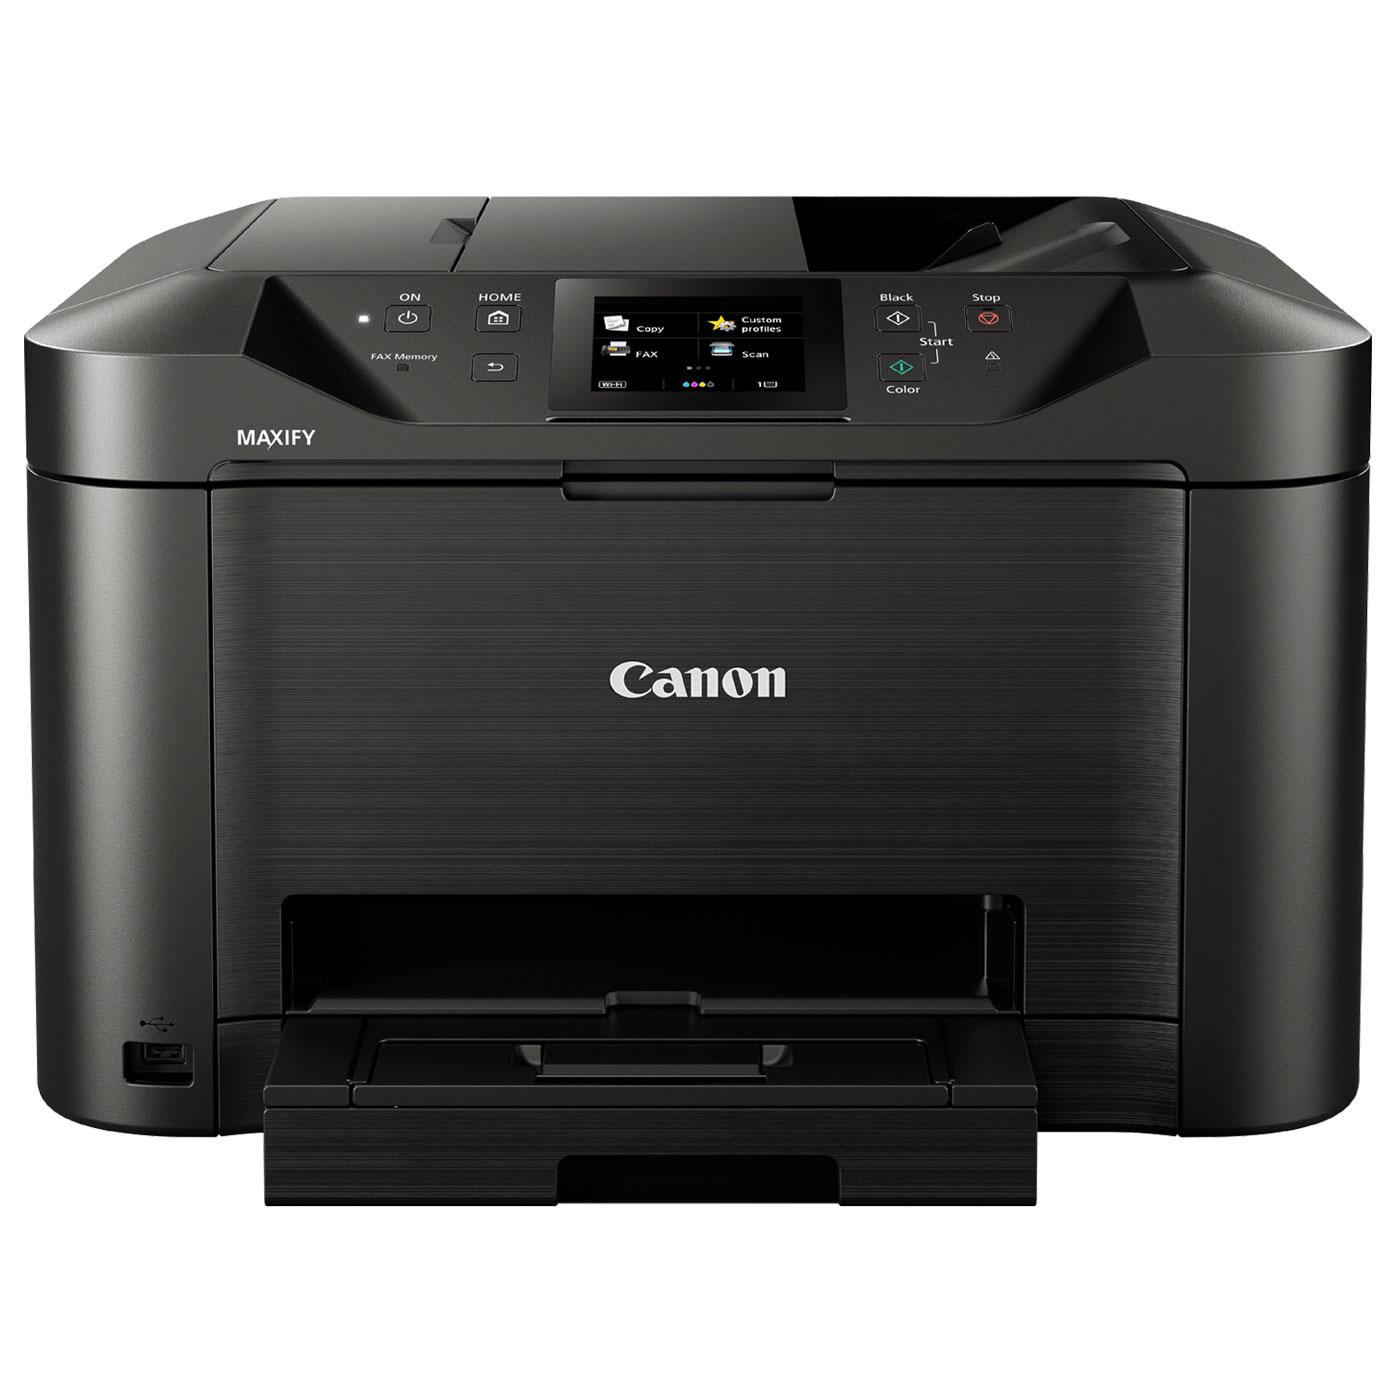 Multifunkciós nyomtató Canon Maxify MB5450 Wireless Tintasugaras Nyomtató/Másoló/Scanner/Fax